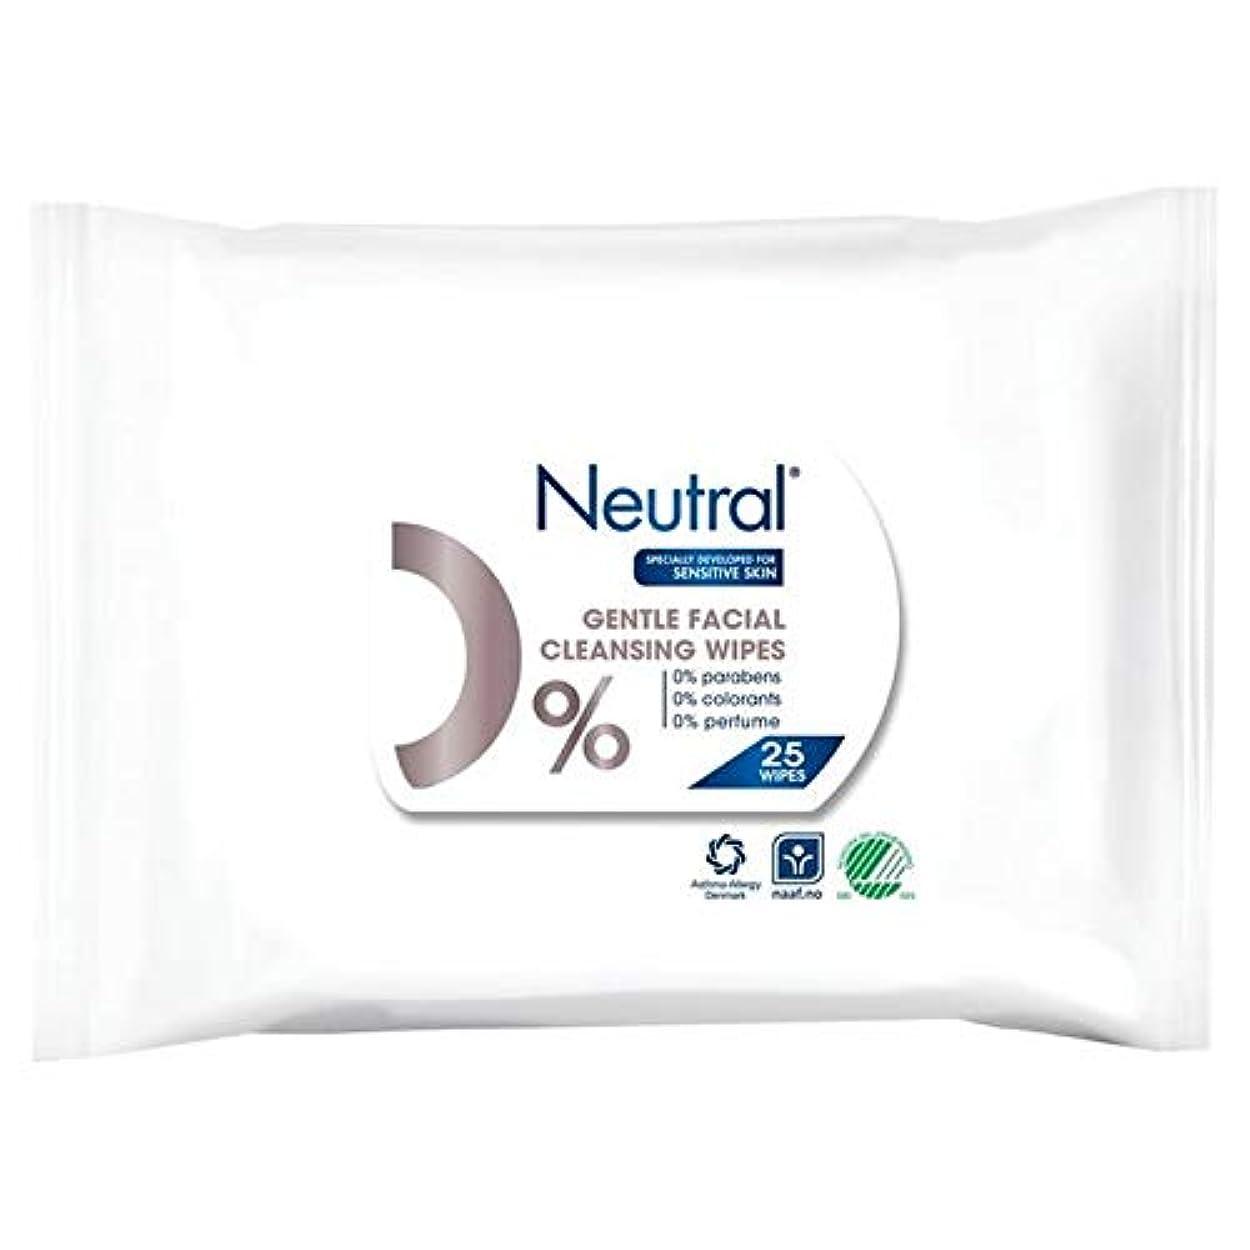 談話服を洗うさわやか[Neutral ] ニュートラル0%顔はパックあたり25ワイプ - Neutral 0% Face Wipes 25 per pack [並行輸入品]